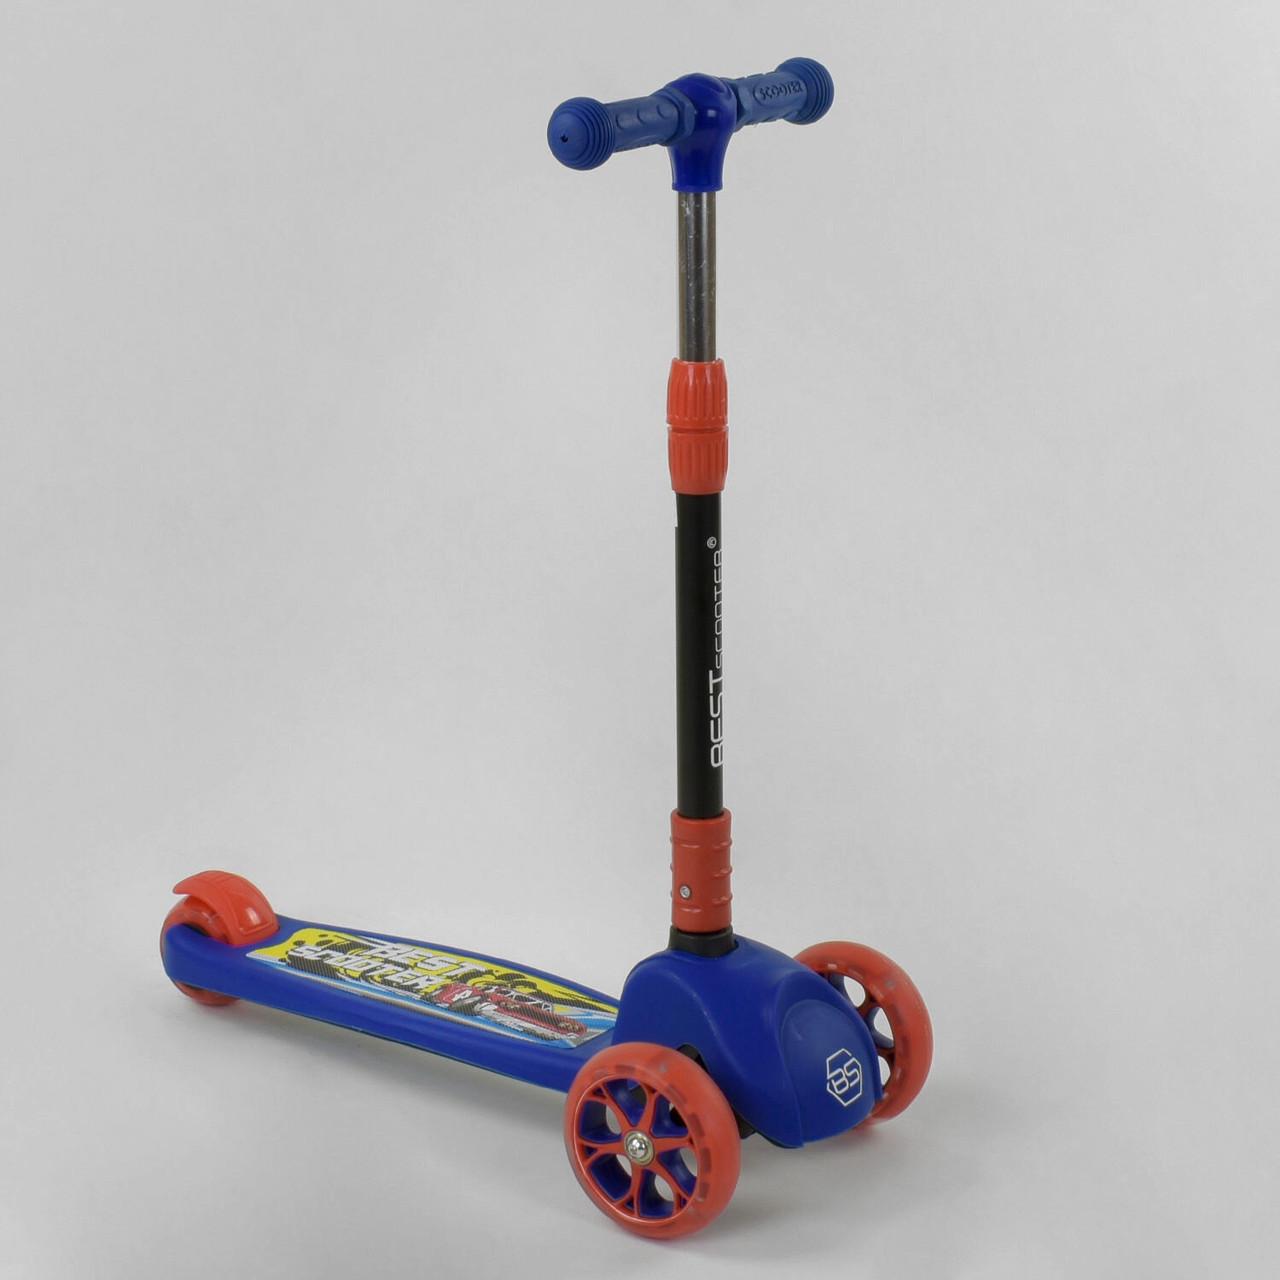 Дитячий триколісний самокат з світяться колесами і складною ручкою Best Scooter 27043 Синій з помаранчевим